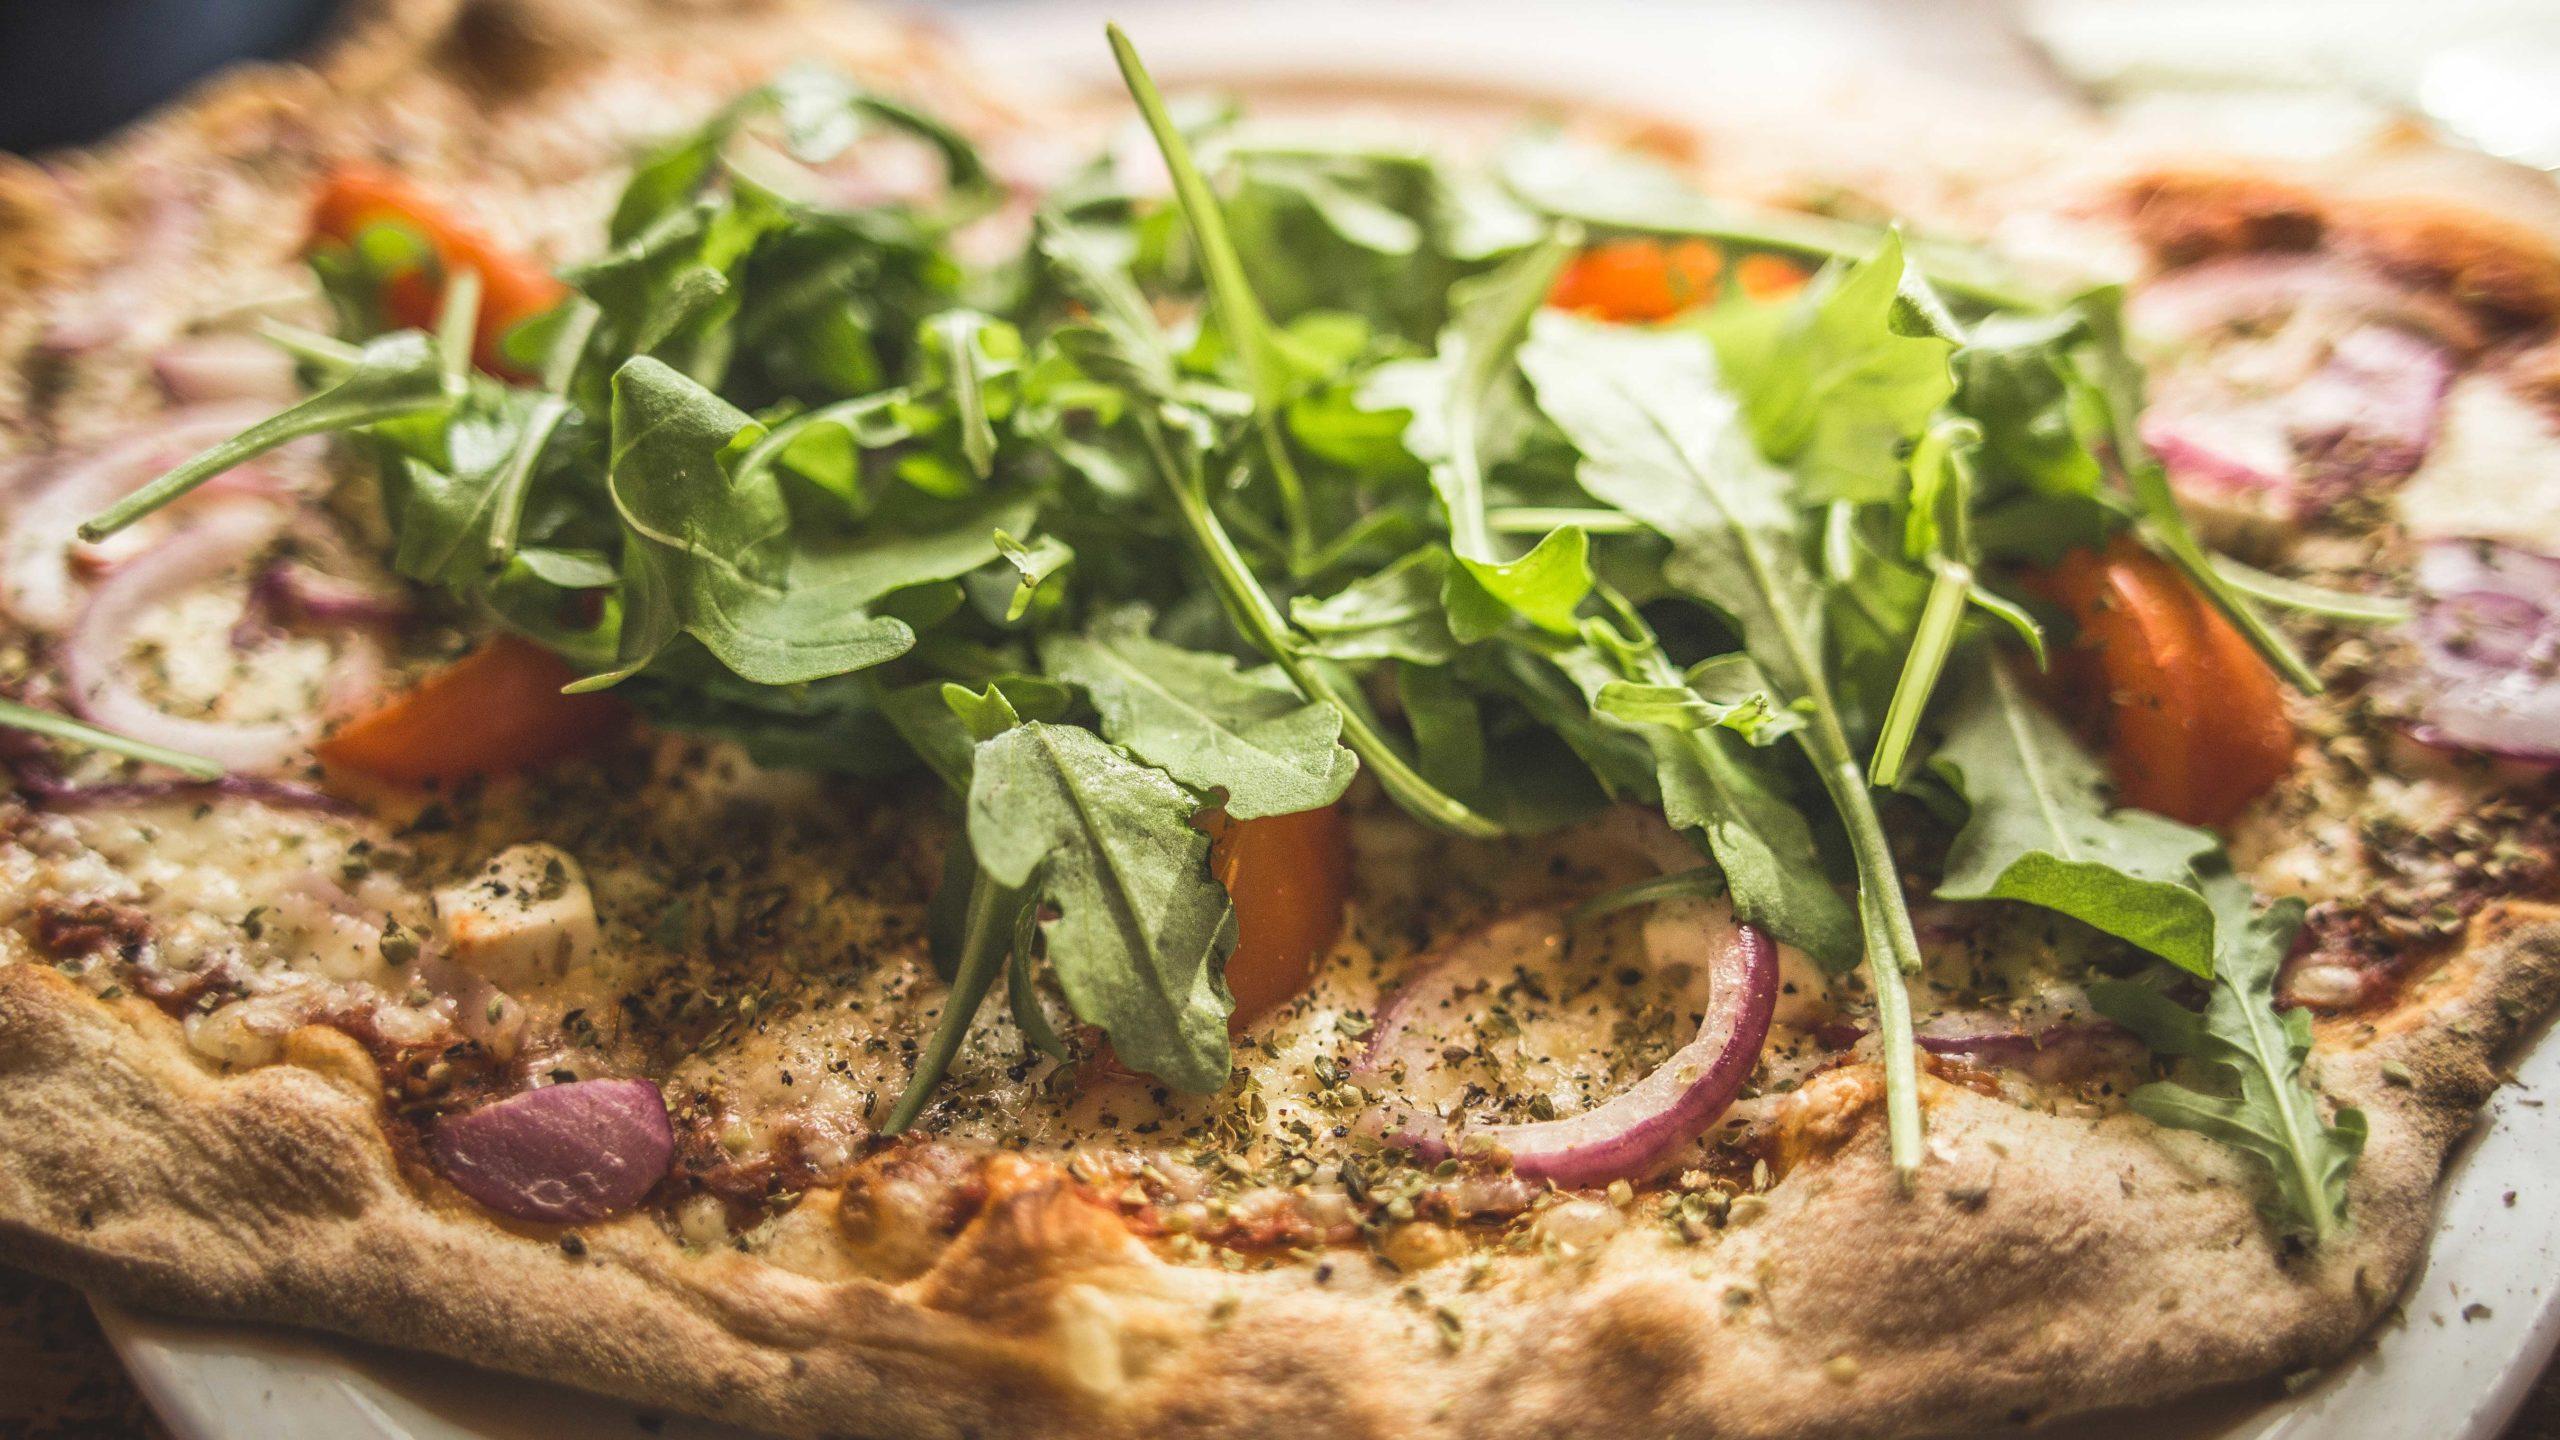 Siuron Koski-Baarin valmistama artesaanipizza, jossa päällä rucolasalaattia.